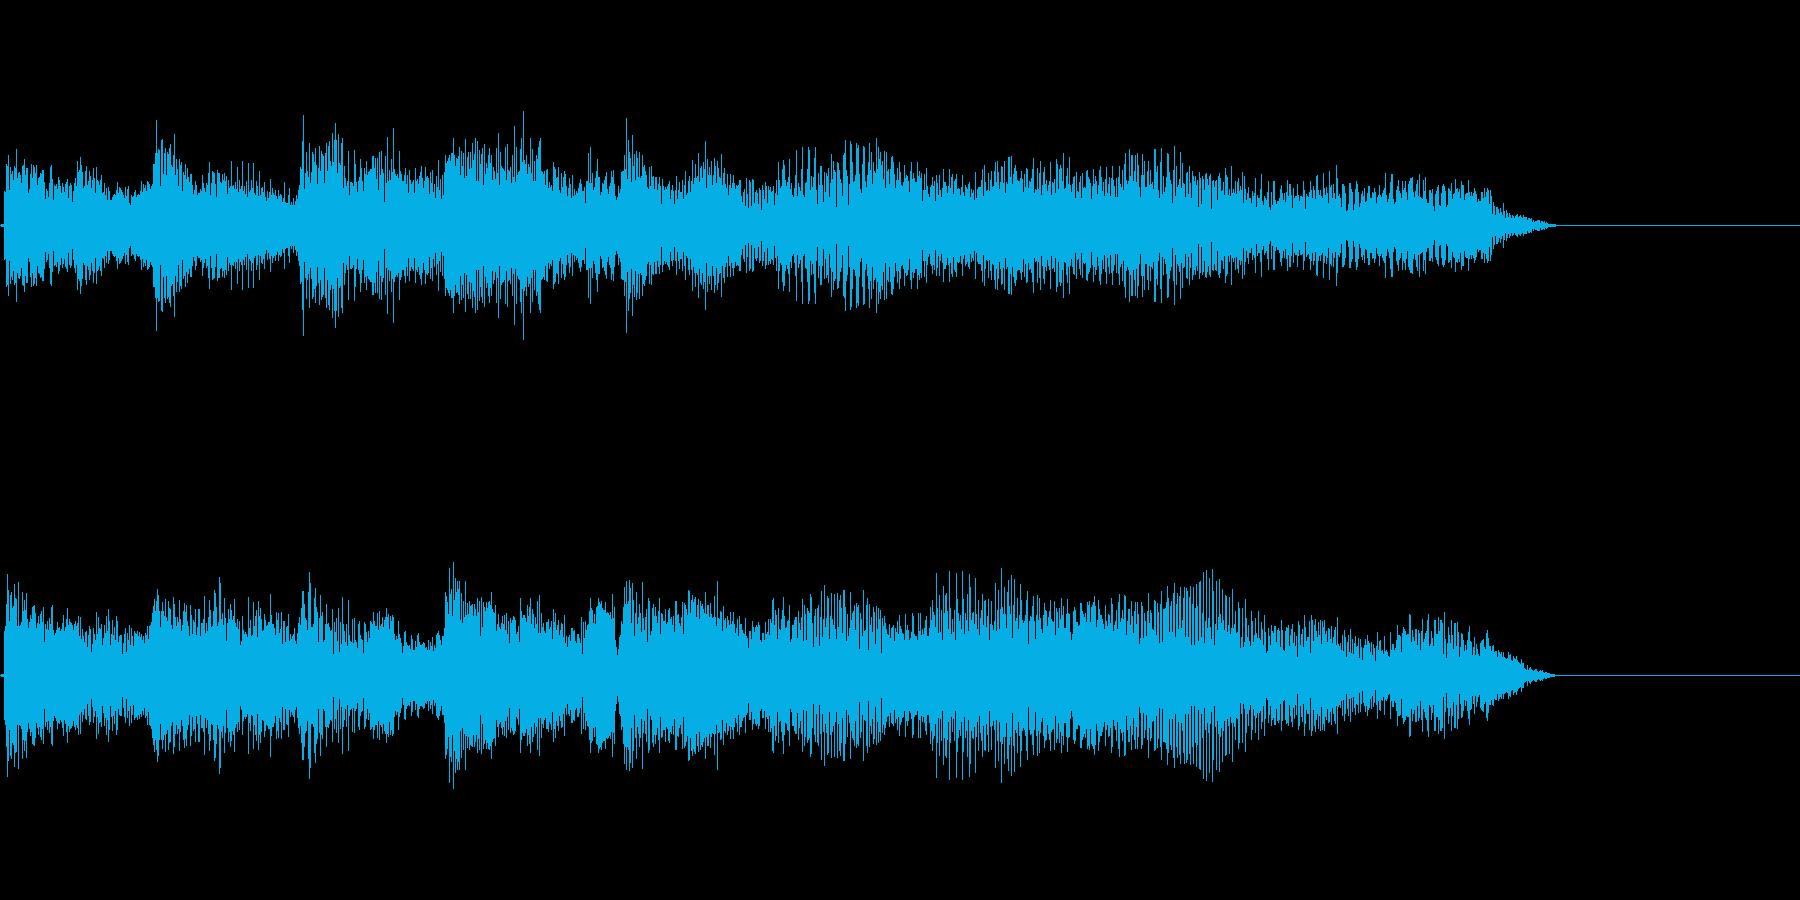 ピアノによるジングル・サウンドロゴ10秒の再生済みの波形